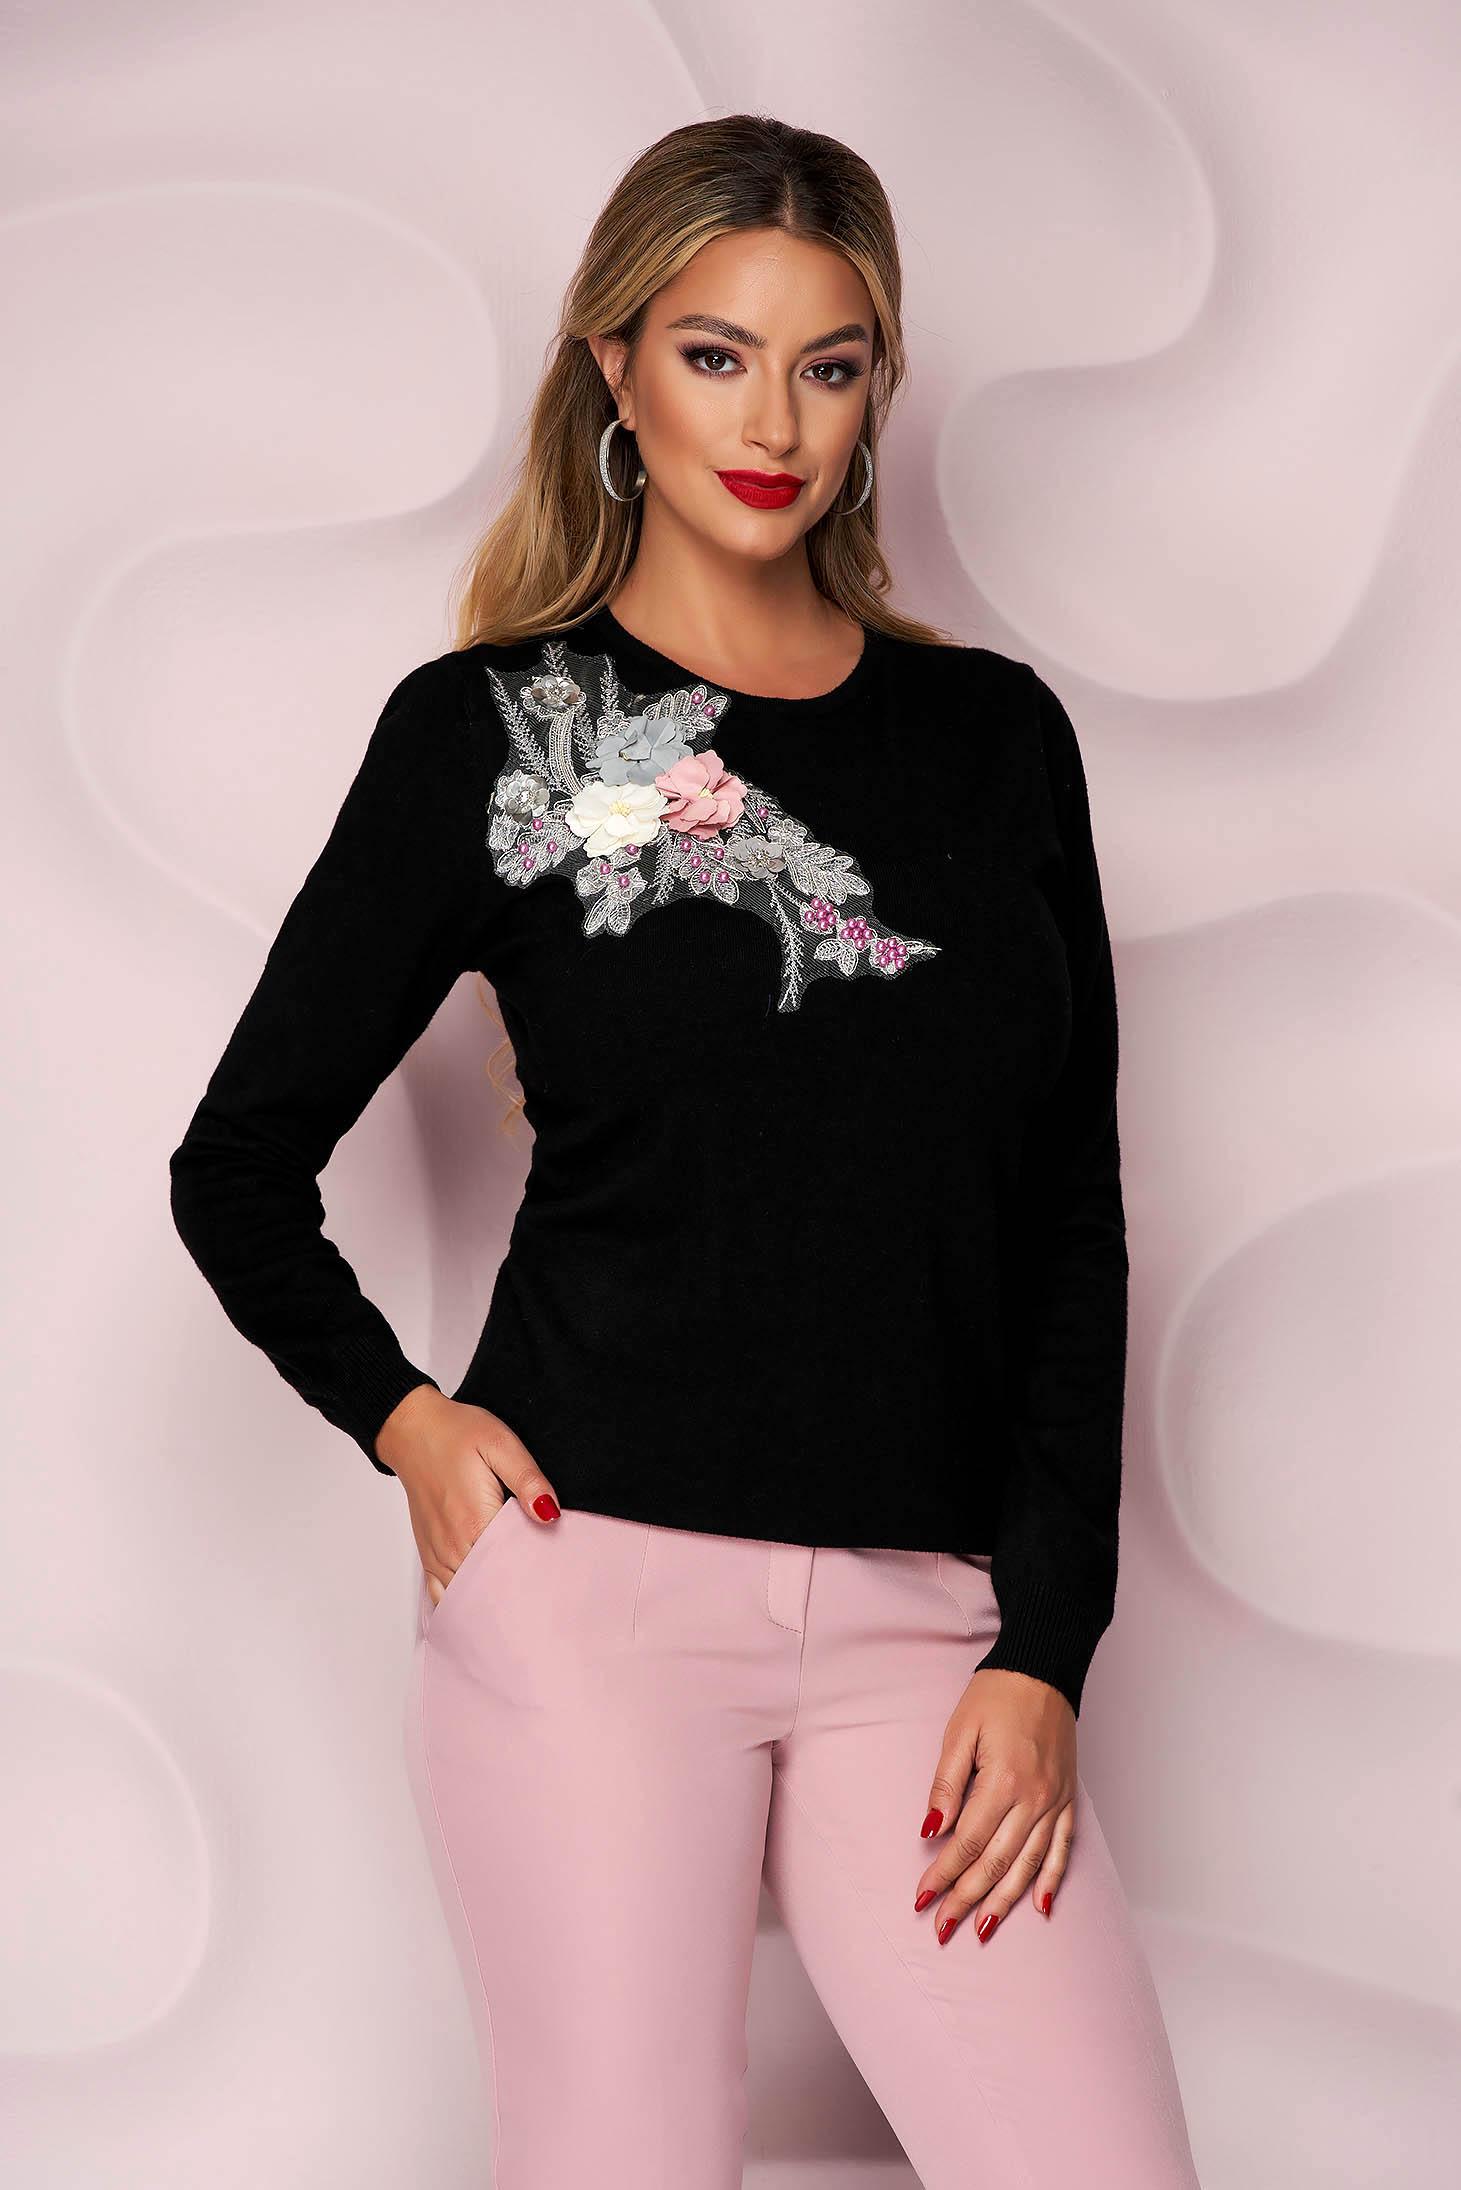 Bluza dama Lady Pandora neagra tricotata cu croi lejer si flori in relief cu efect 3d